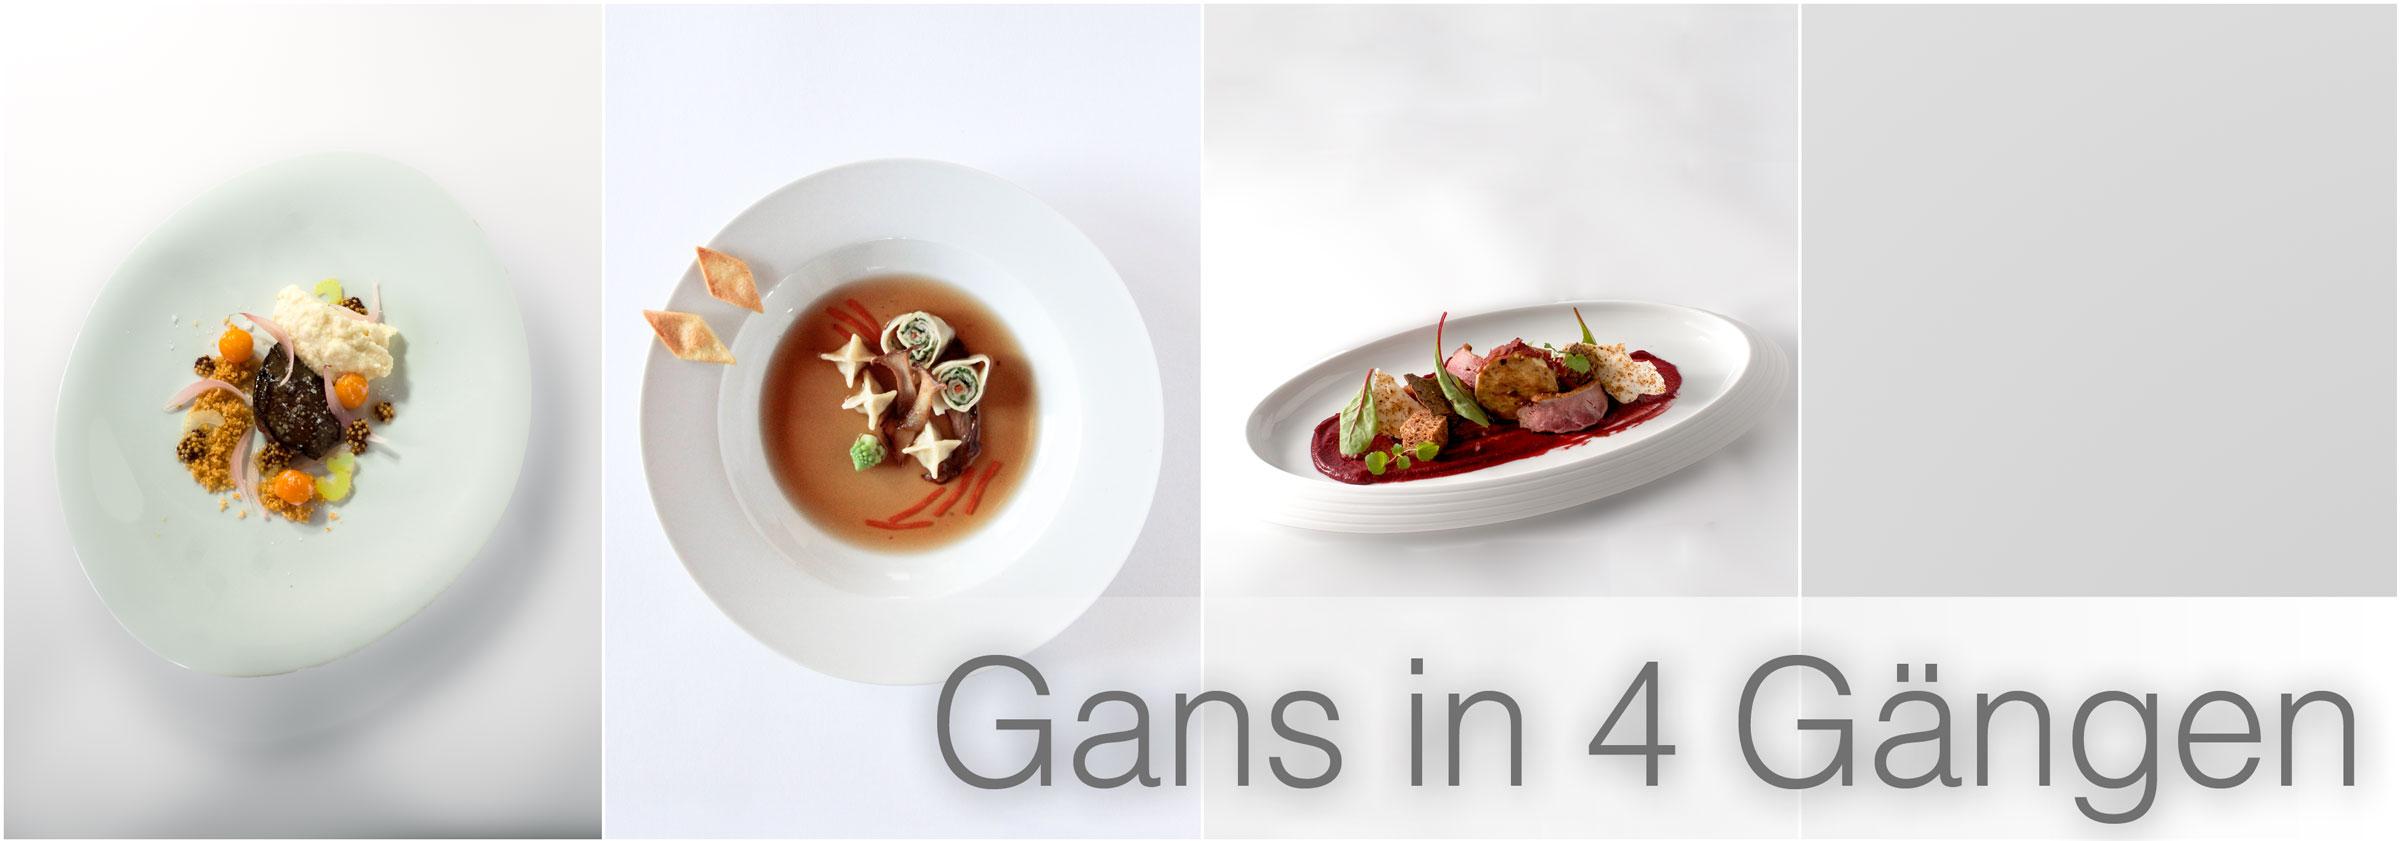 Gans-in-4-Gängen-3